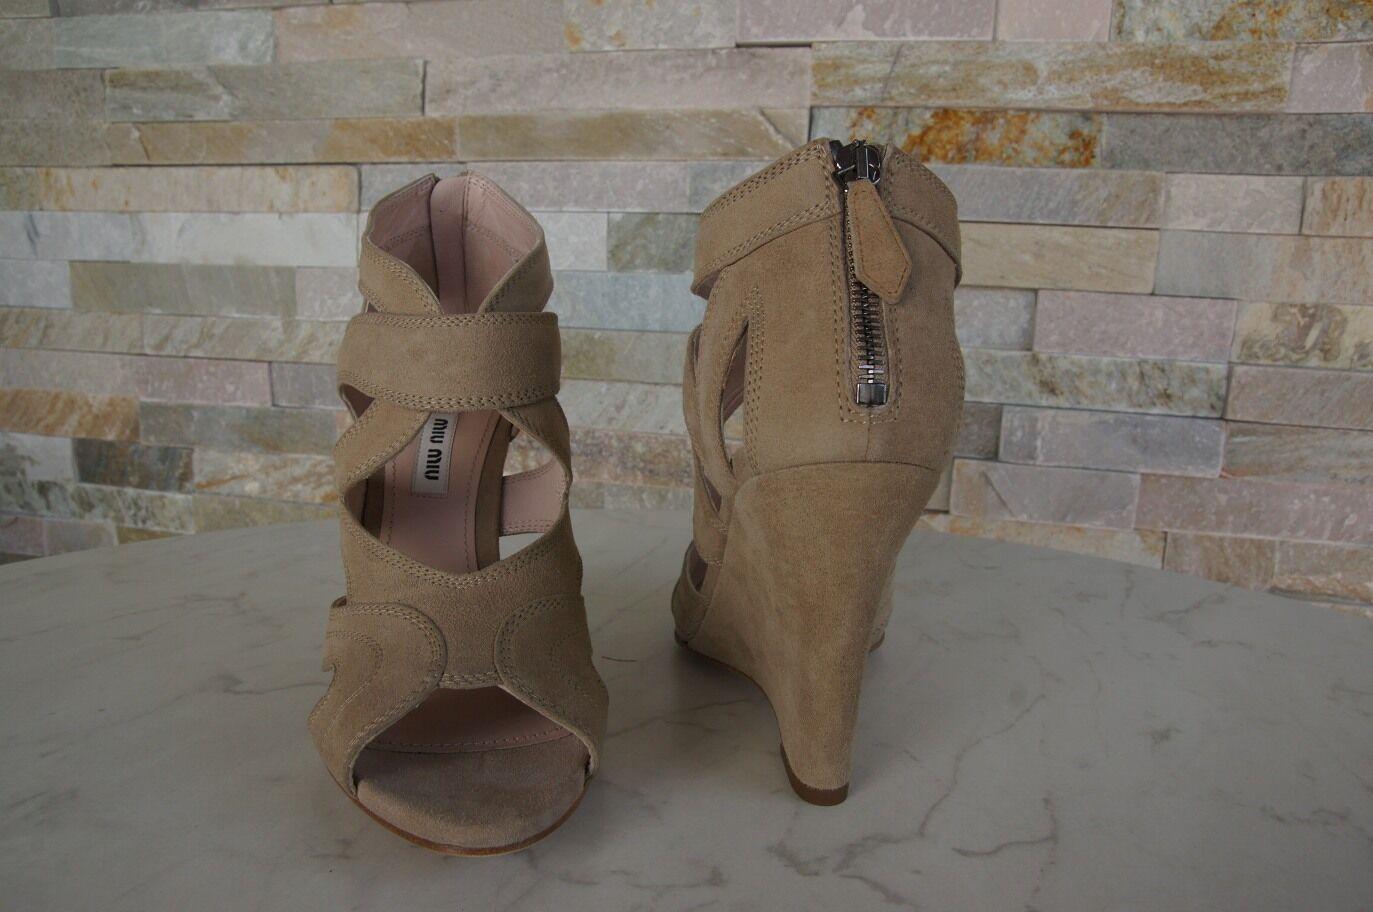 Original Miu Miu Gr 41 Sandalias Tacón de Cuña Sandals Cuñas Zapatos Arena Nuevo